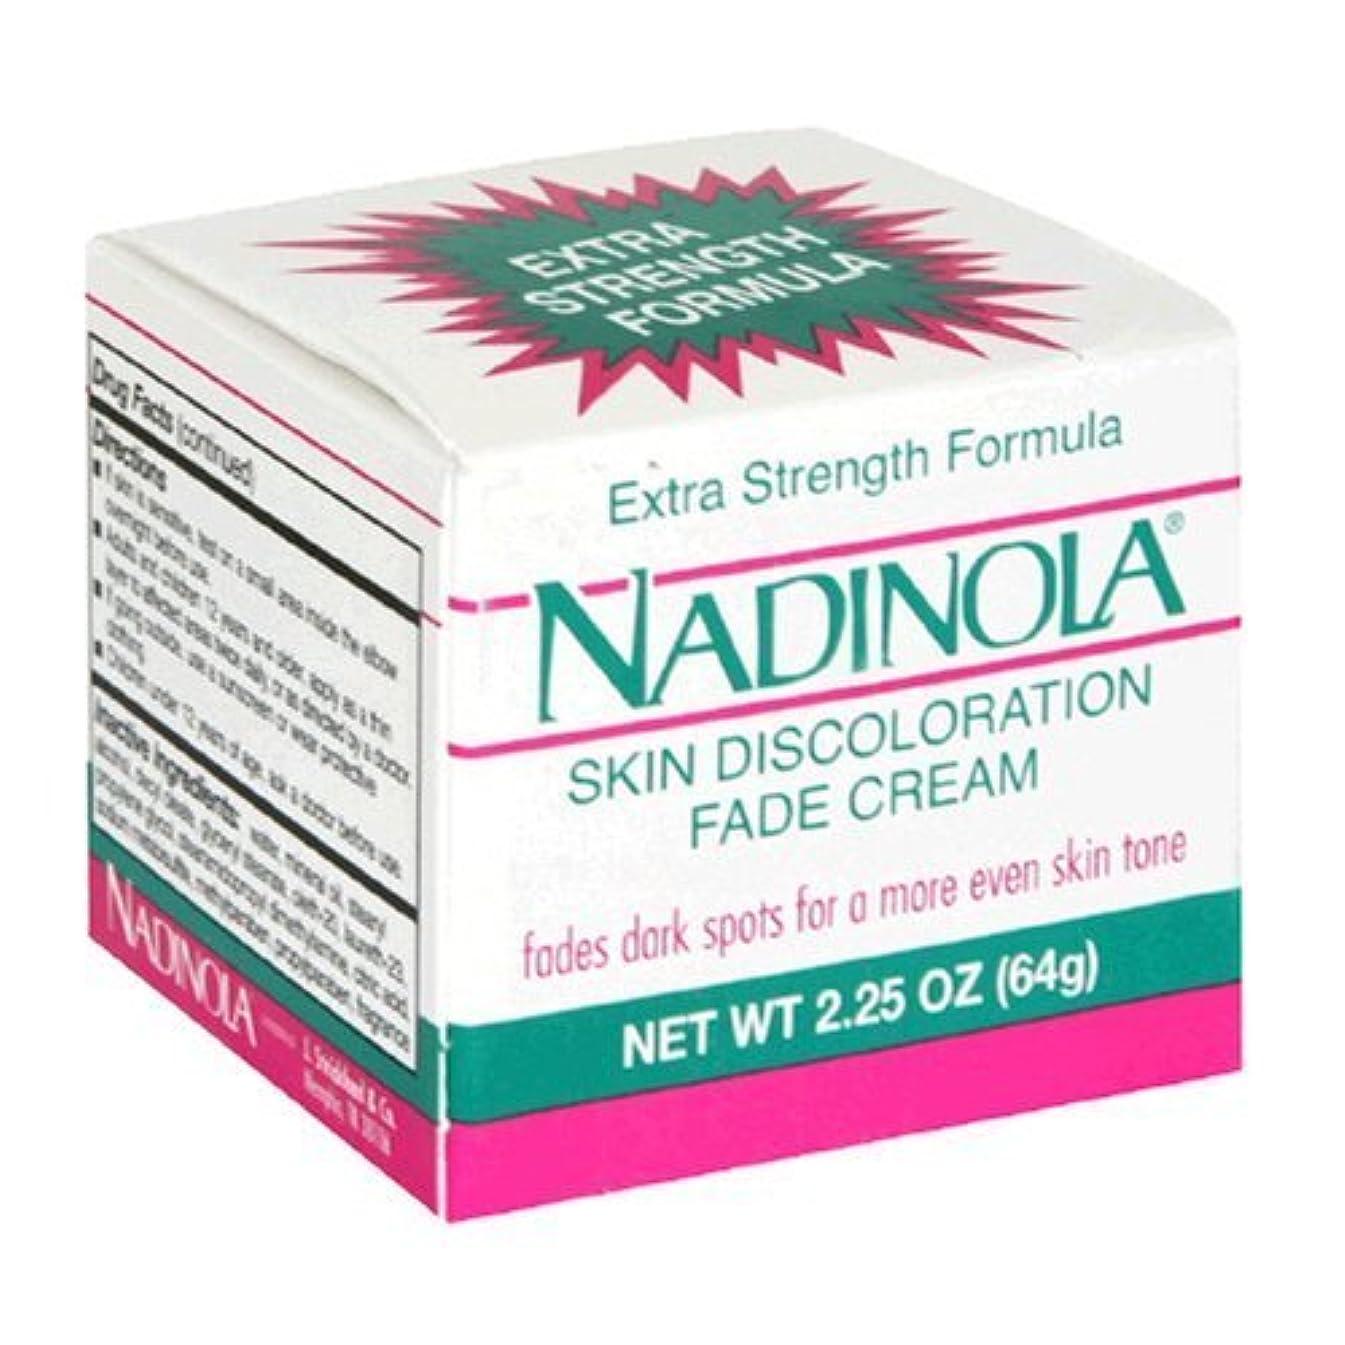 マルクス主義者試みつまらないNadinola Discoloration Fade Cream 2.25oz Extra Strength (並行輸入品)